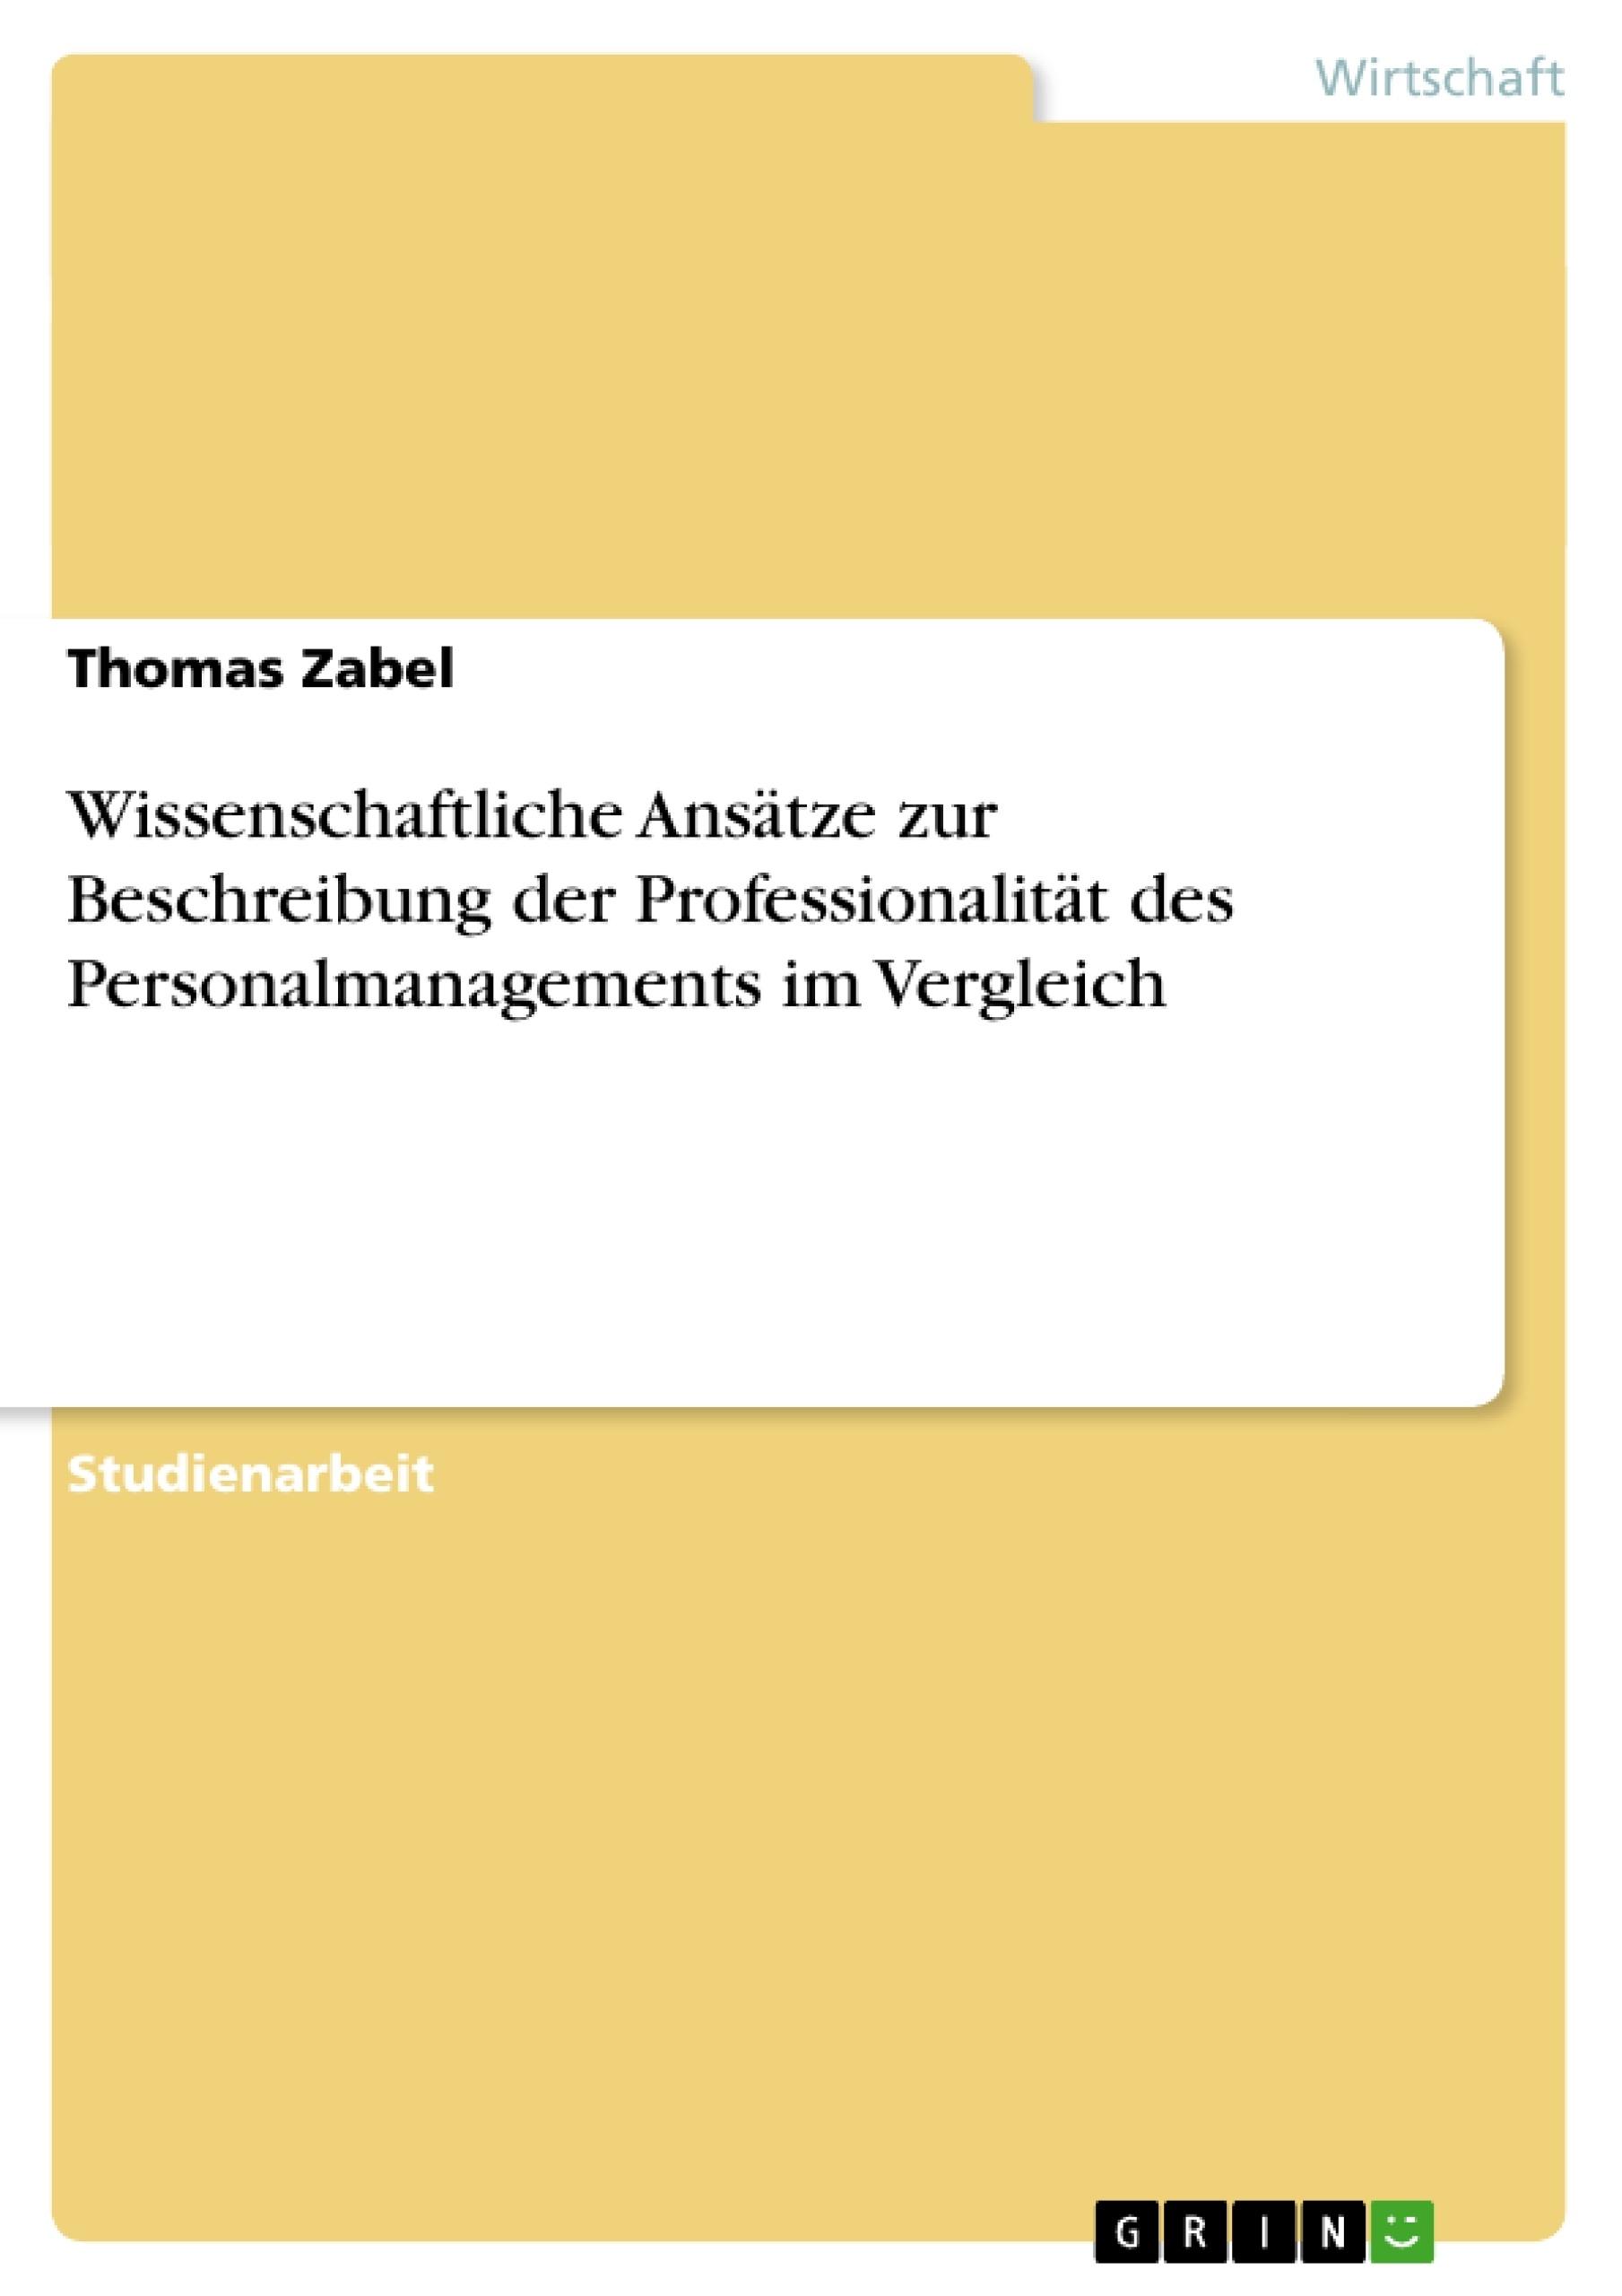 Titel: Wissenschaftliche Ansätze zur Beschreibung der Professionalität des Personalmanagements im Vergleich